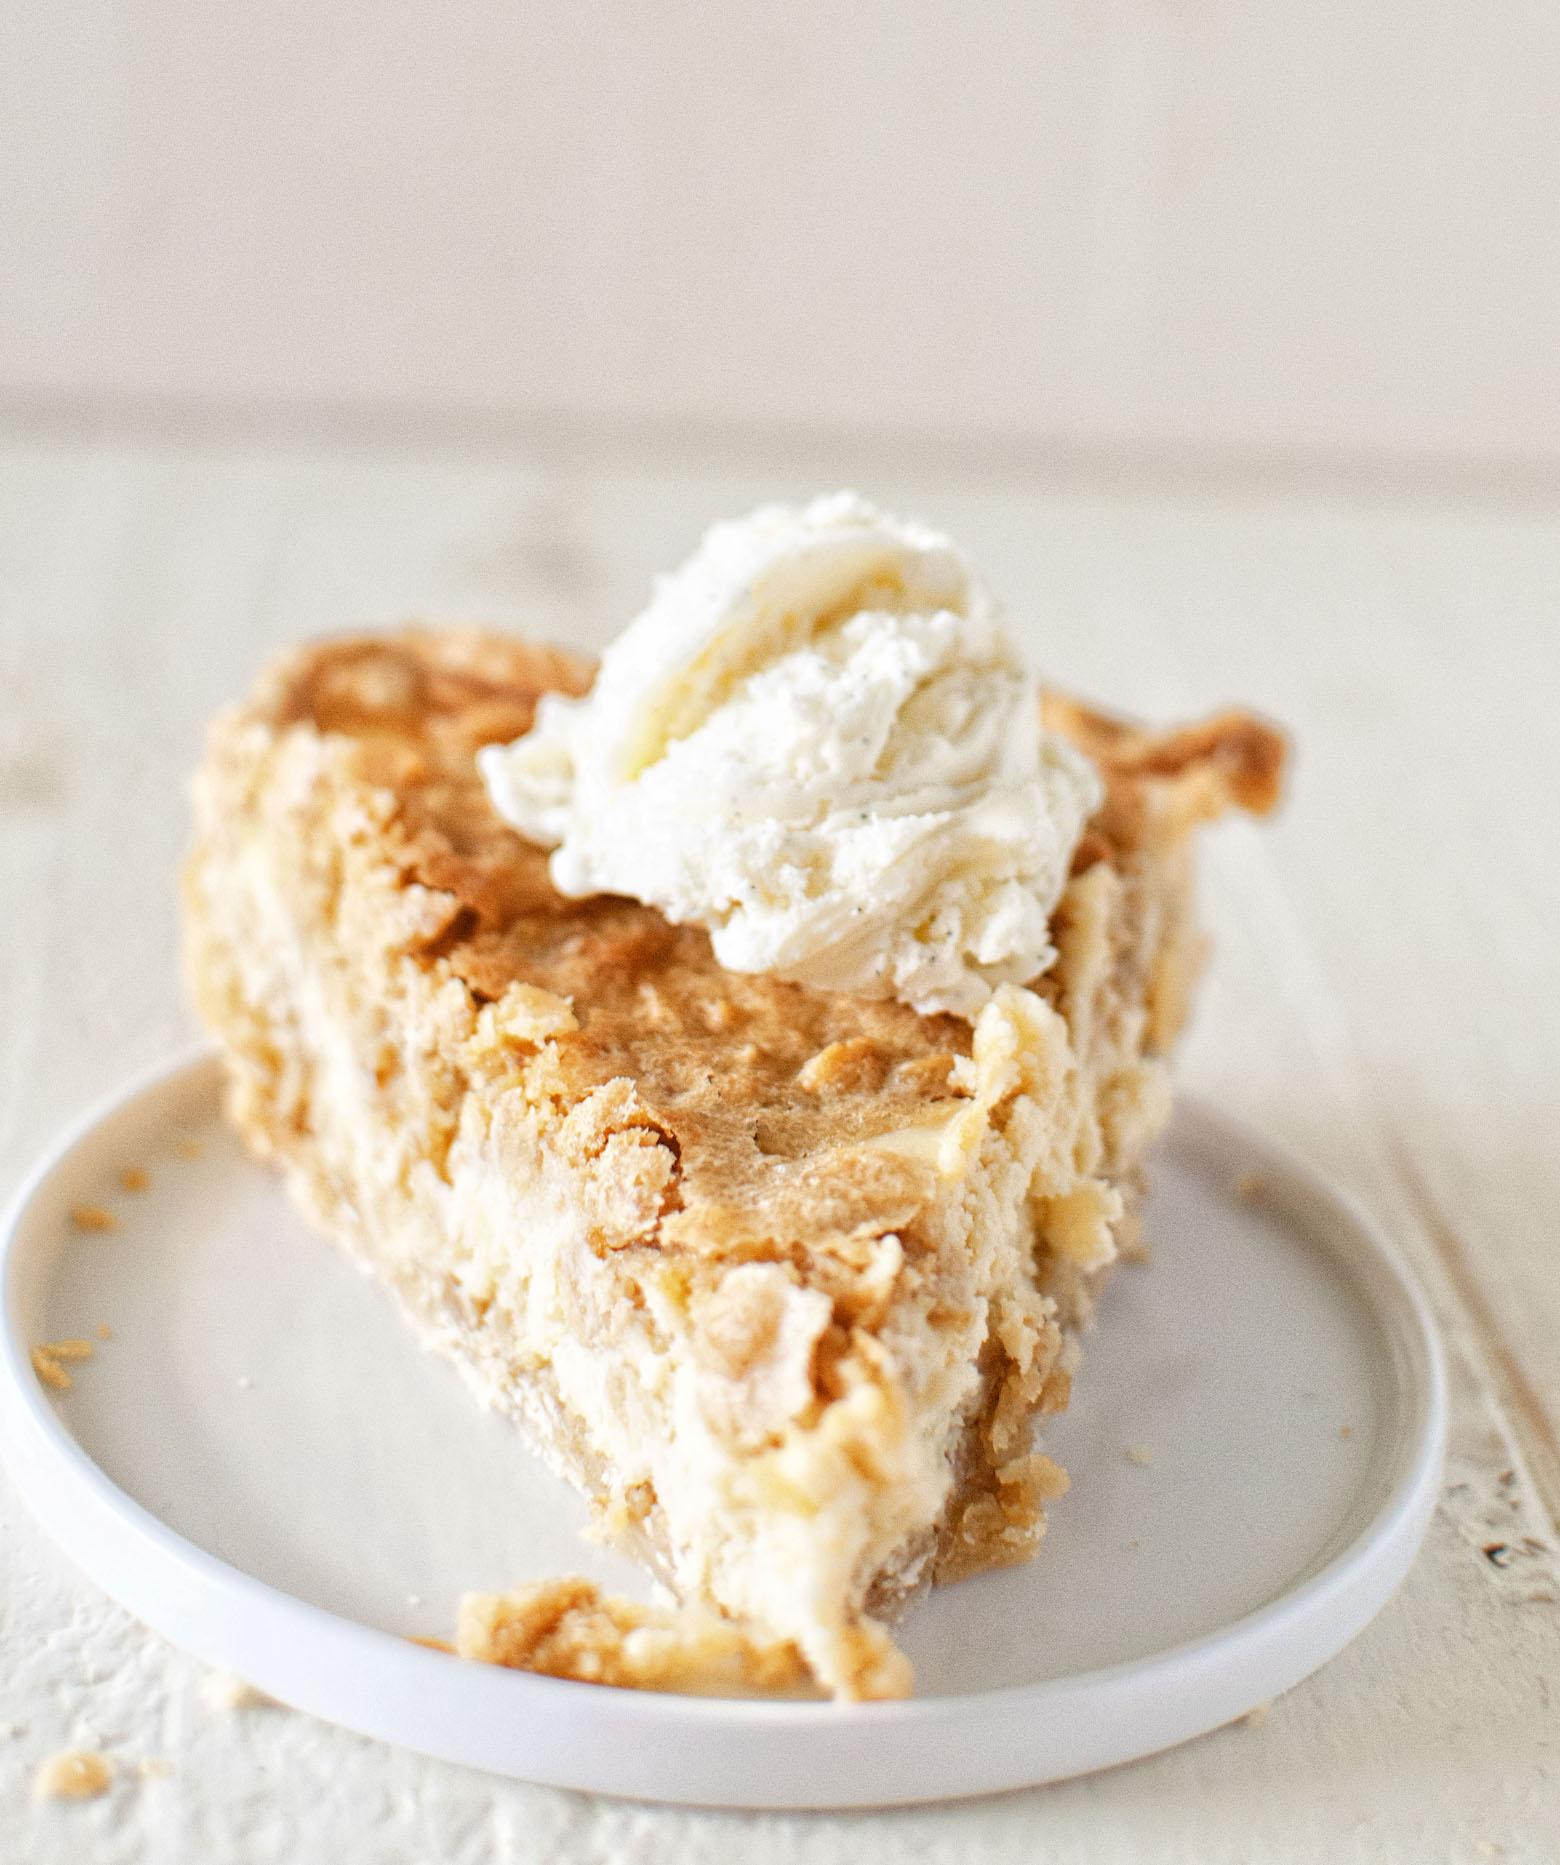 Oatmeal Cookie Irish Cream Cheesecake Pie slice